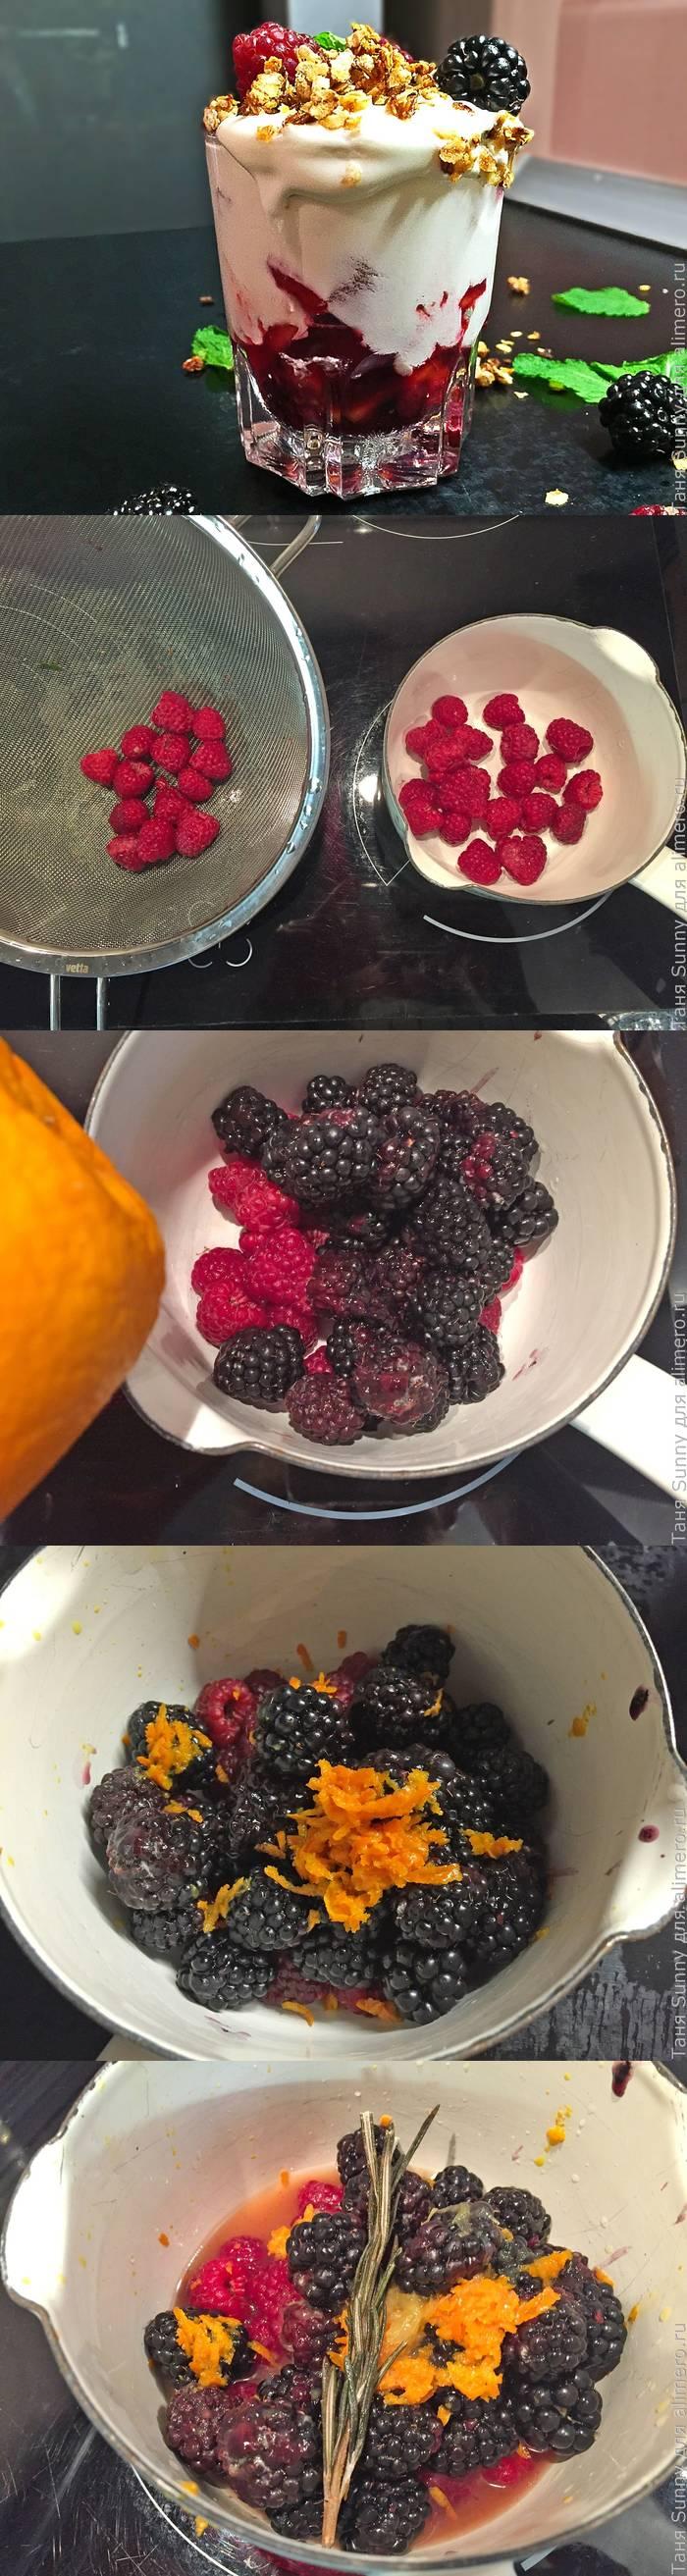 Взбитые сливки с ягодами и хрустящей гранолой